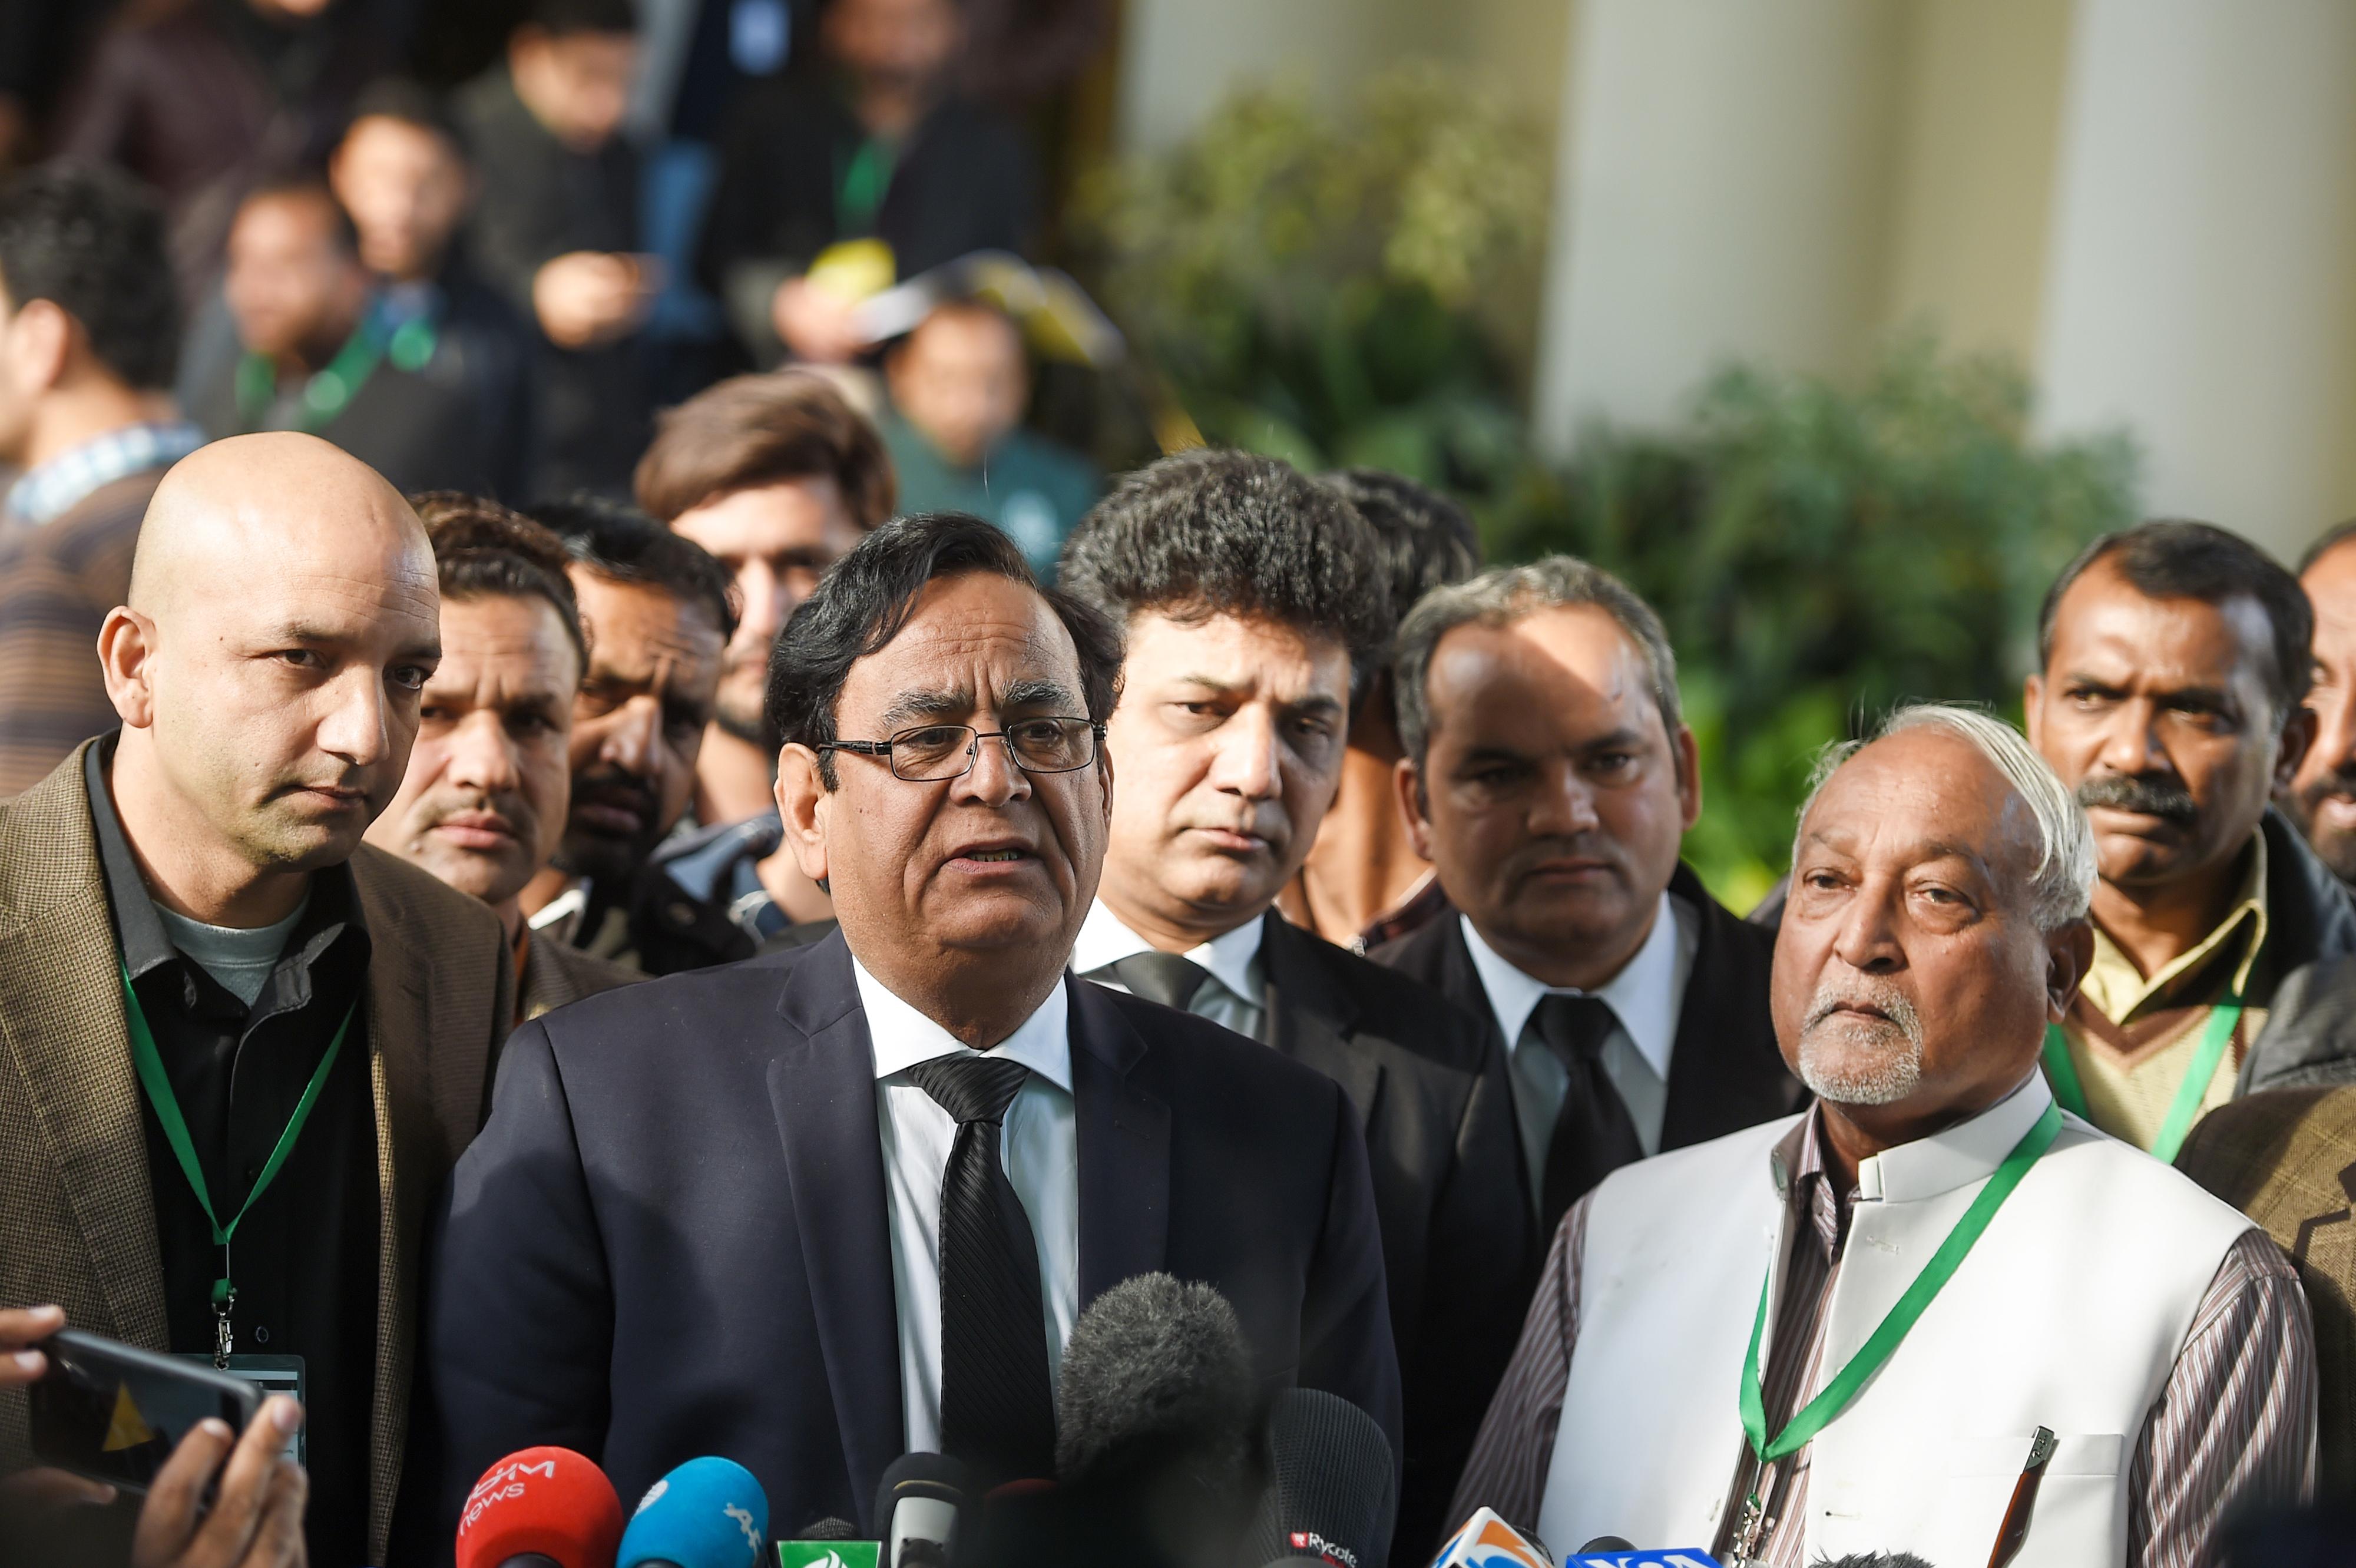 عدالتِ عظمیٰ نے آسیہ بی بی کی بریت کو چیلنج کرنے کی درخواست مسترد کر دی